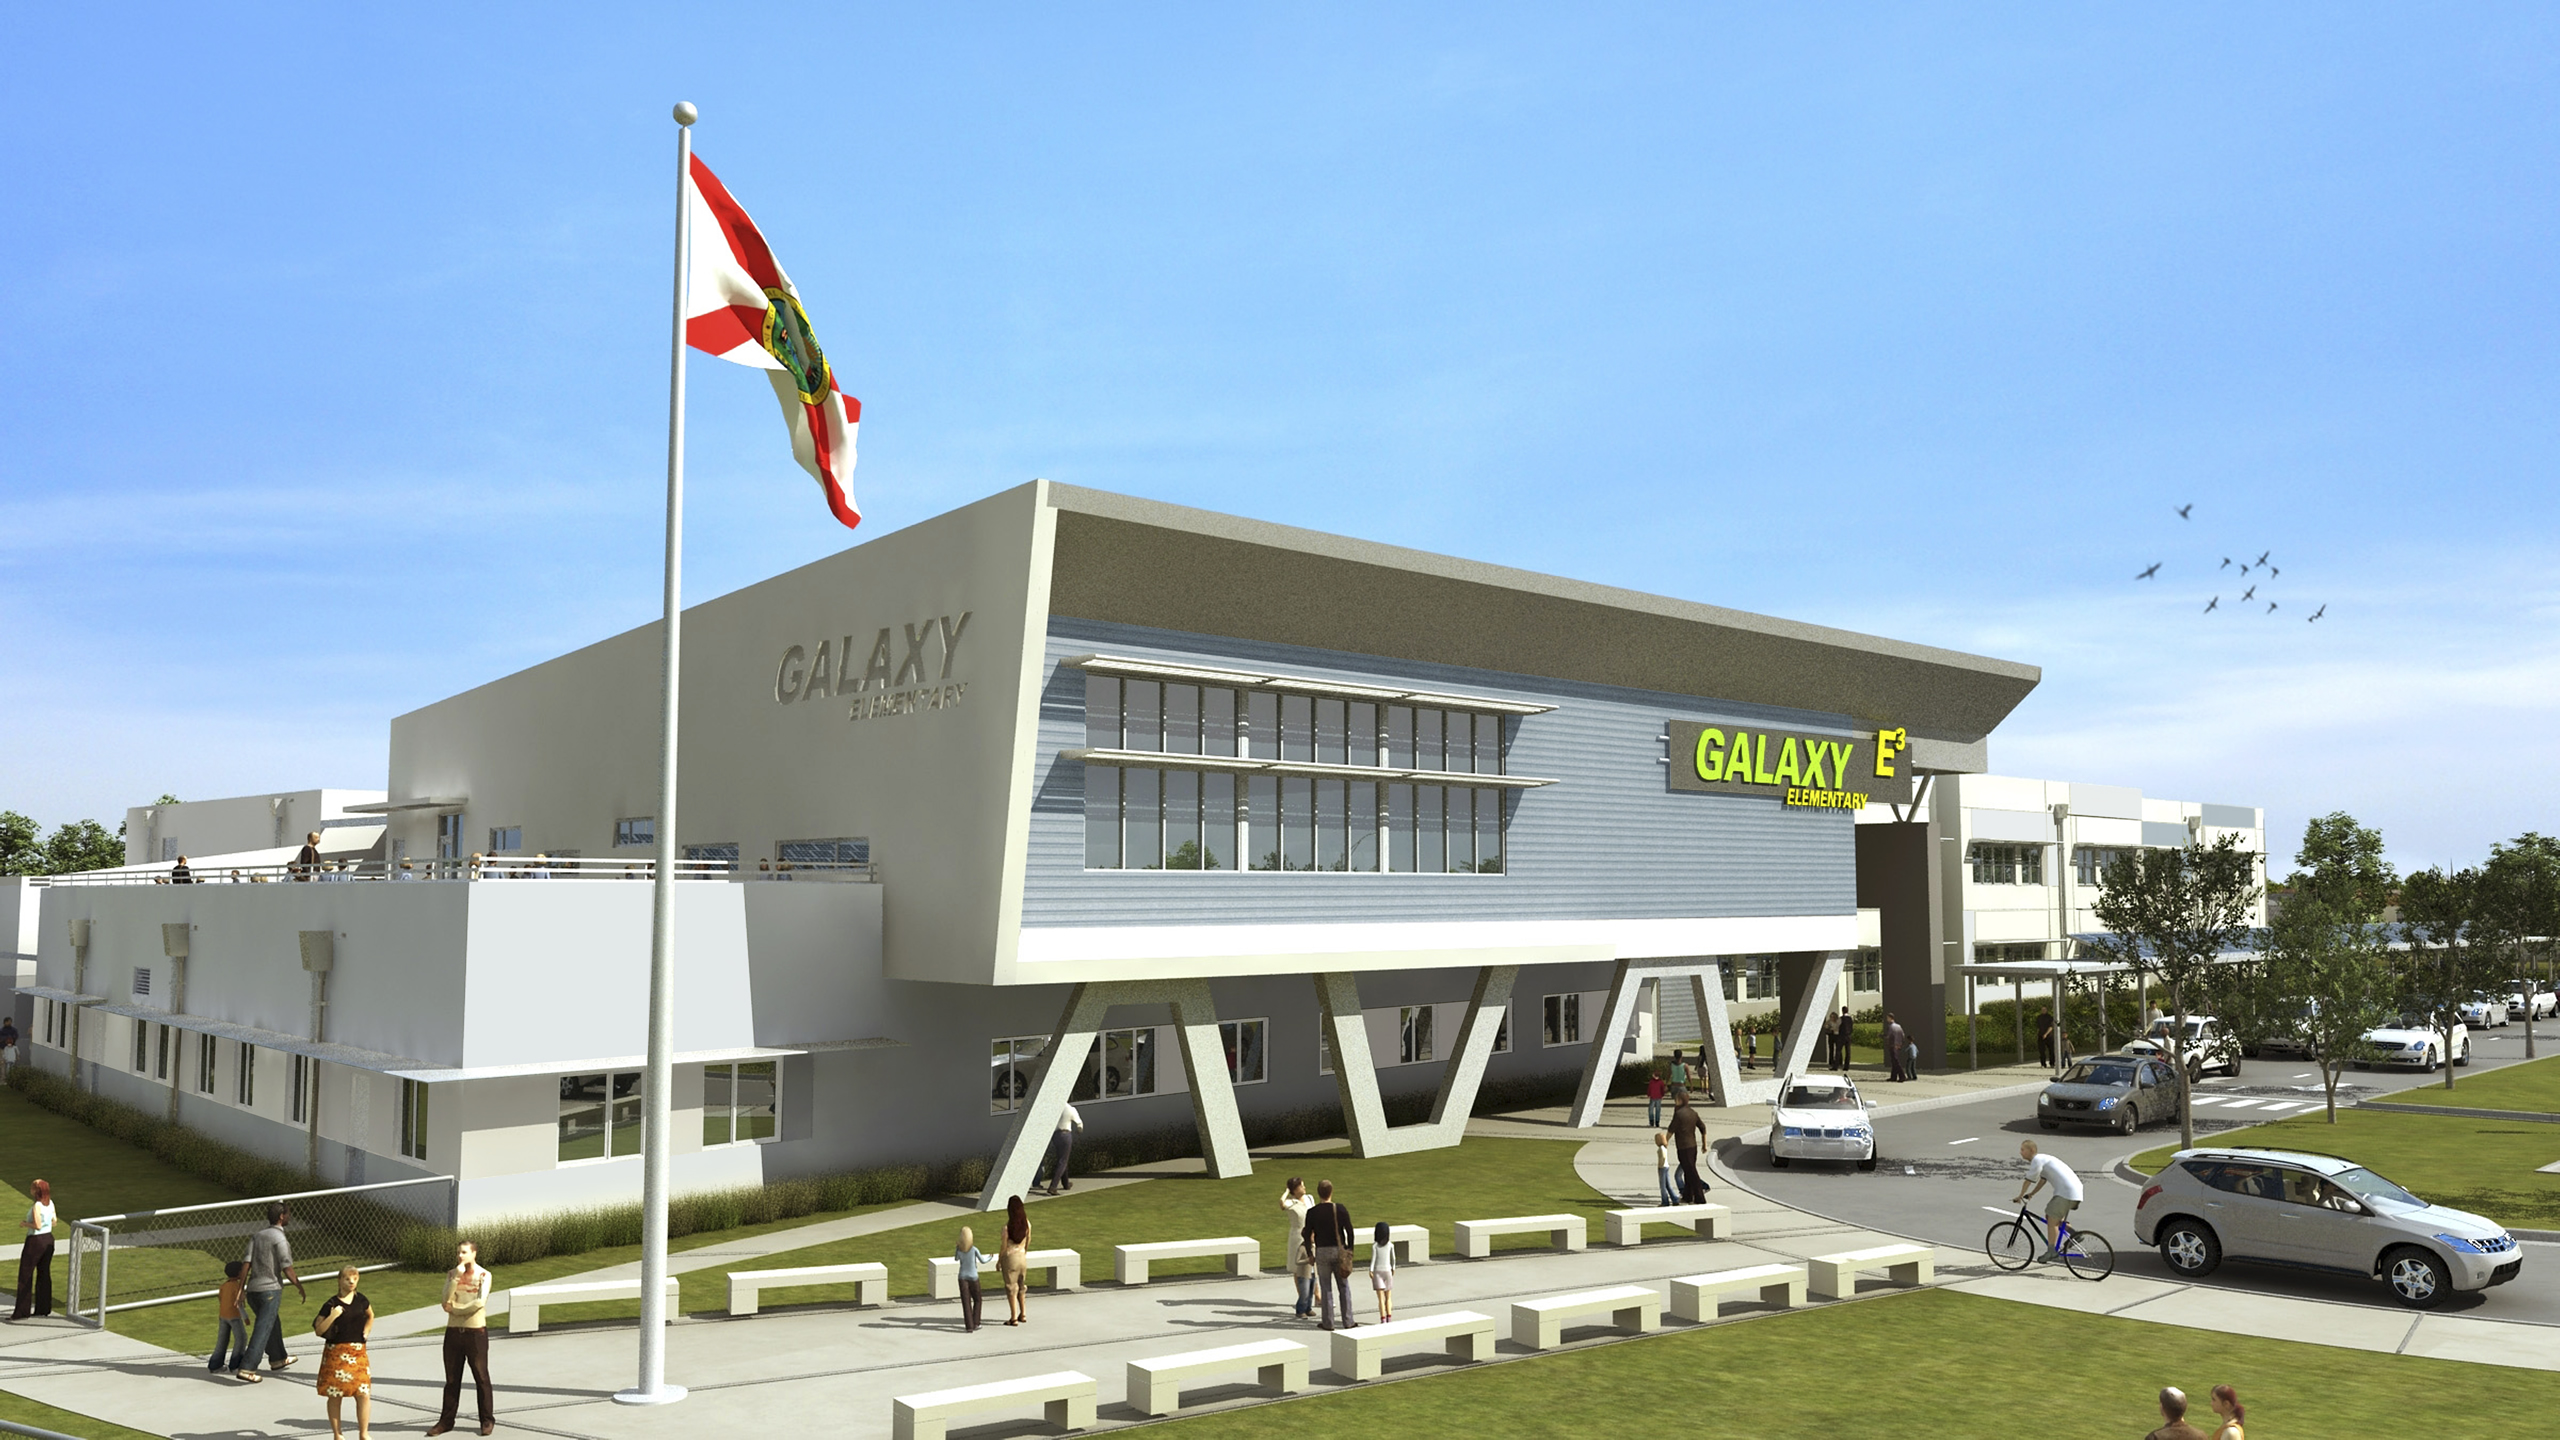 Galaxy Elementary School Boynton Beach